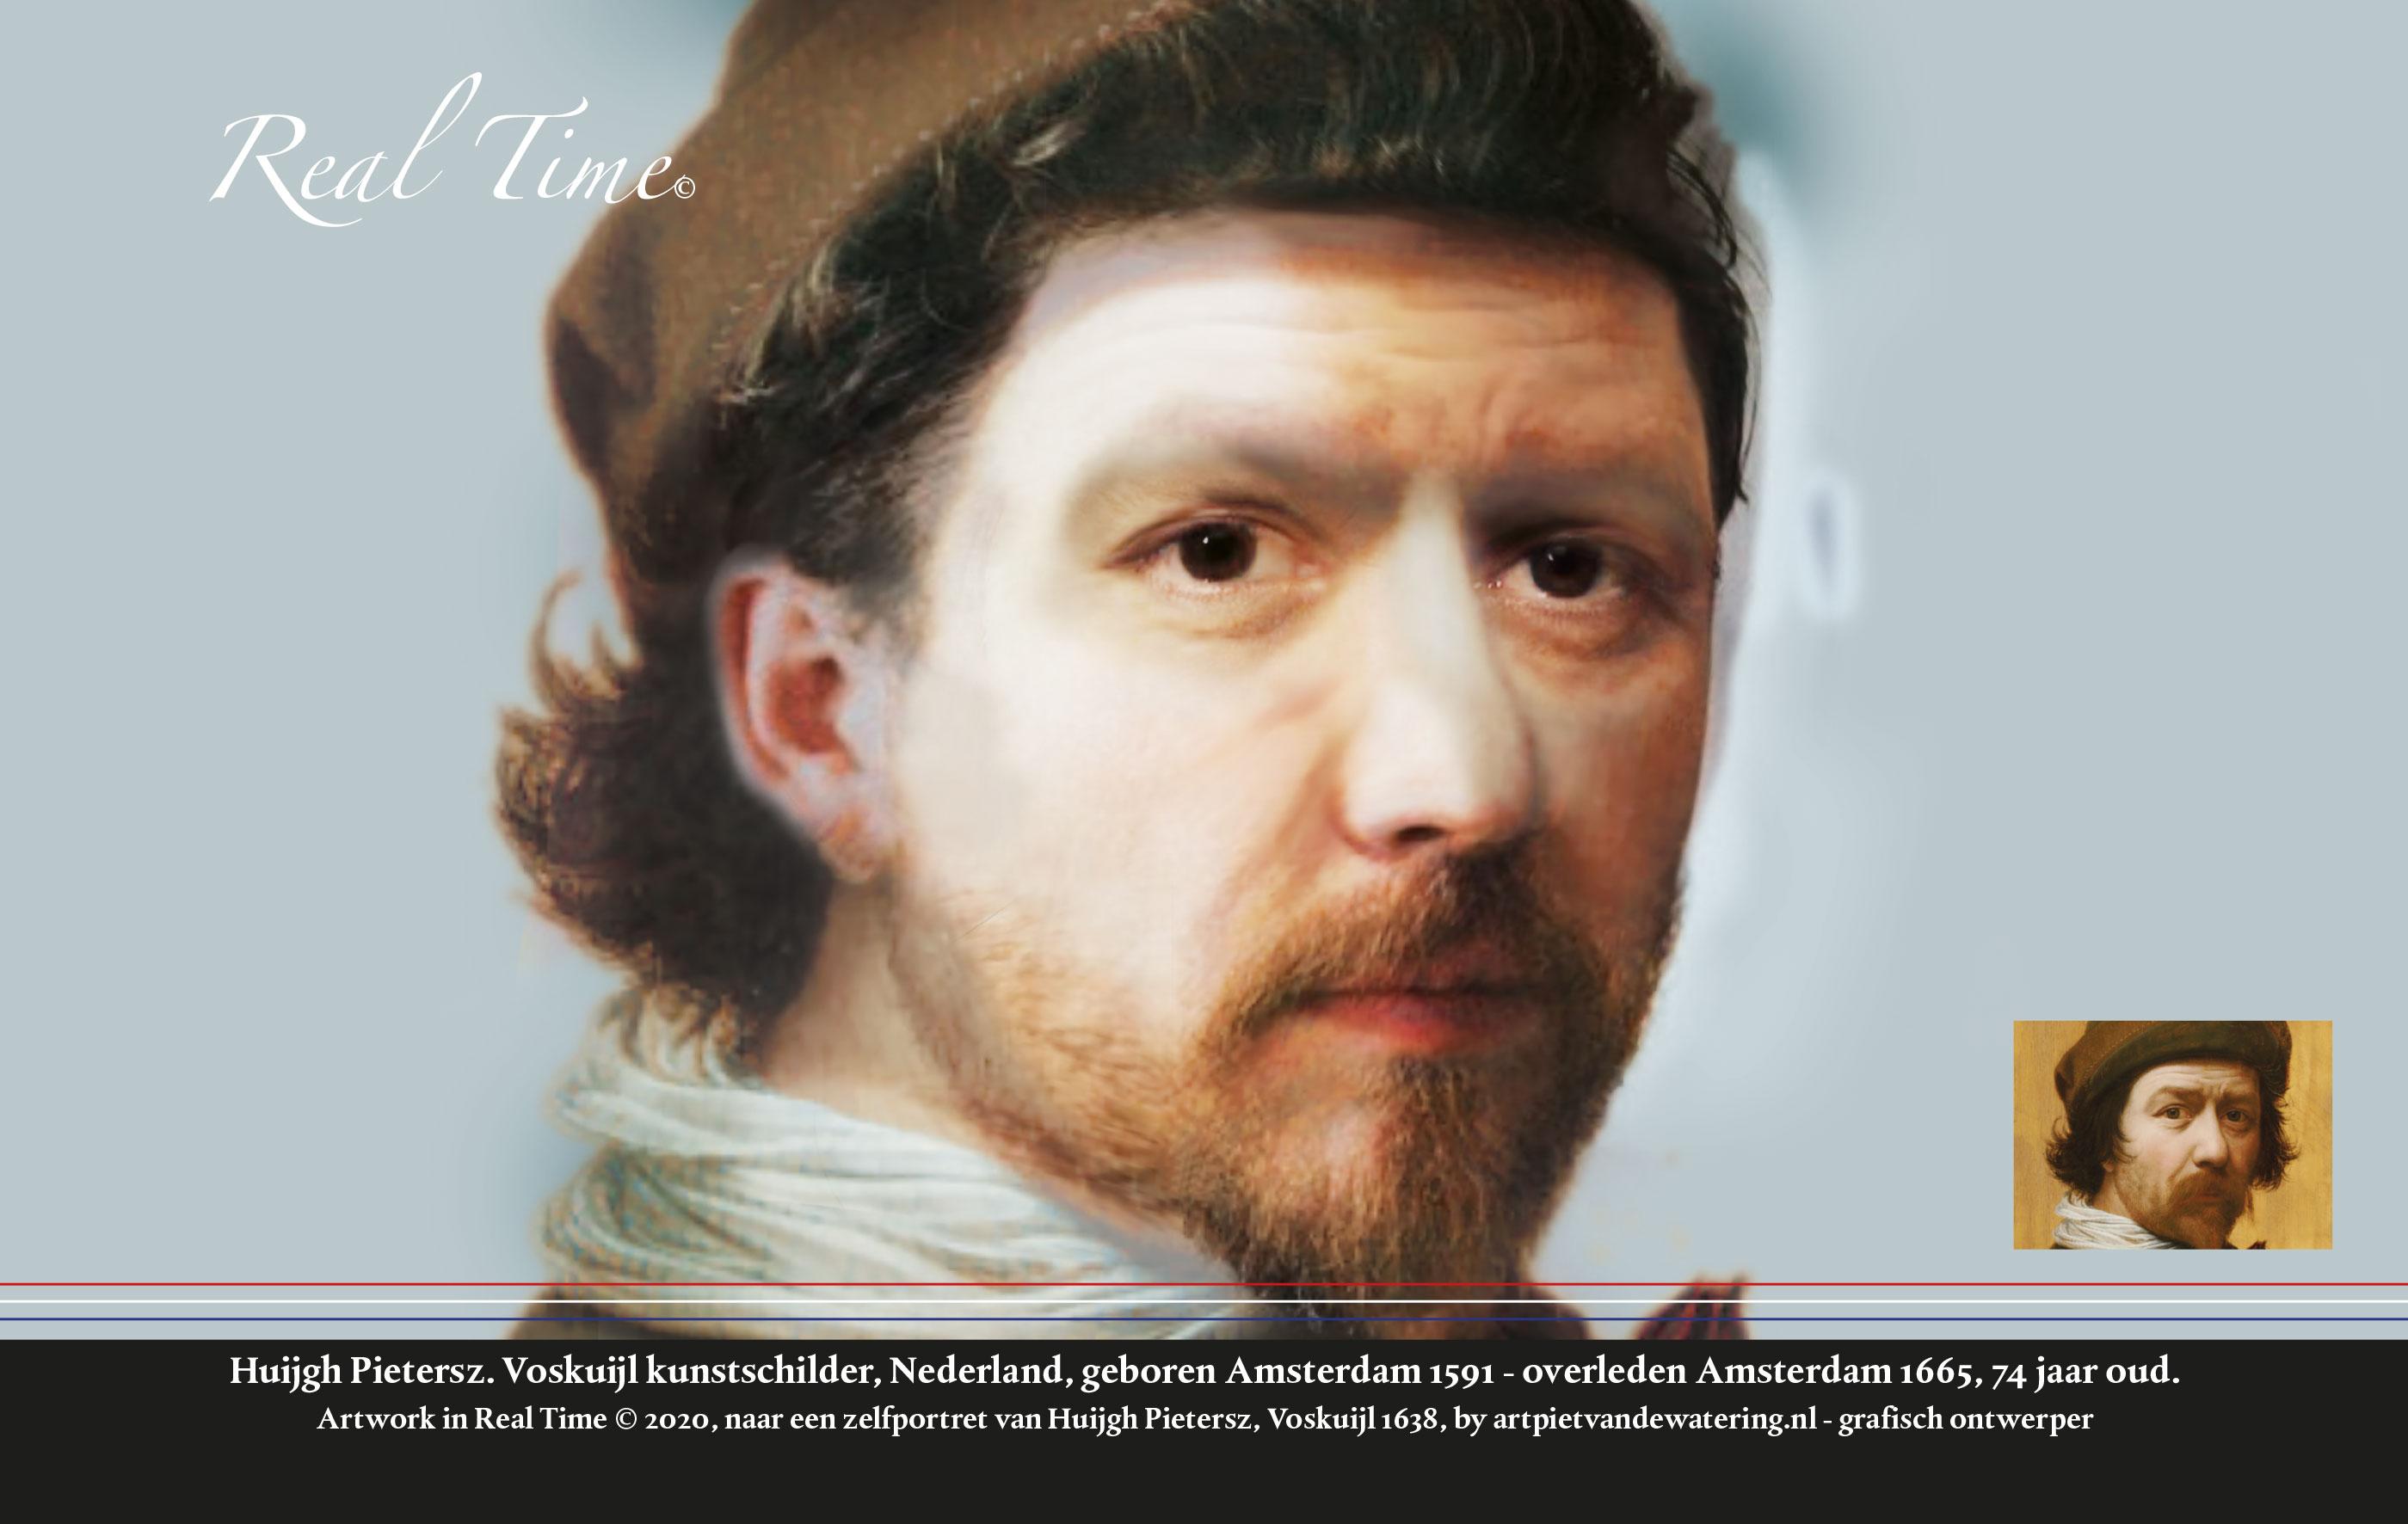 Huijgh-P-Voskuijl-1591-1665